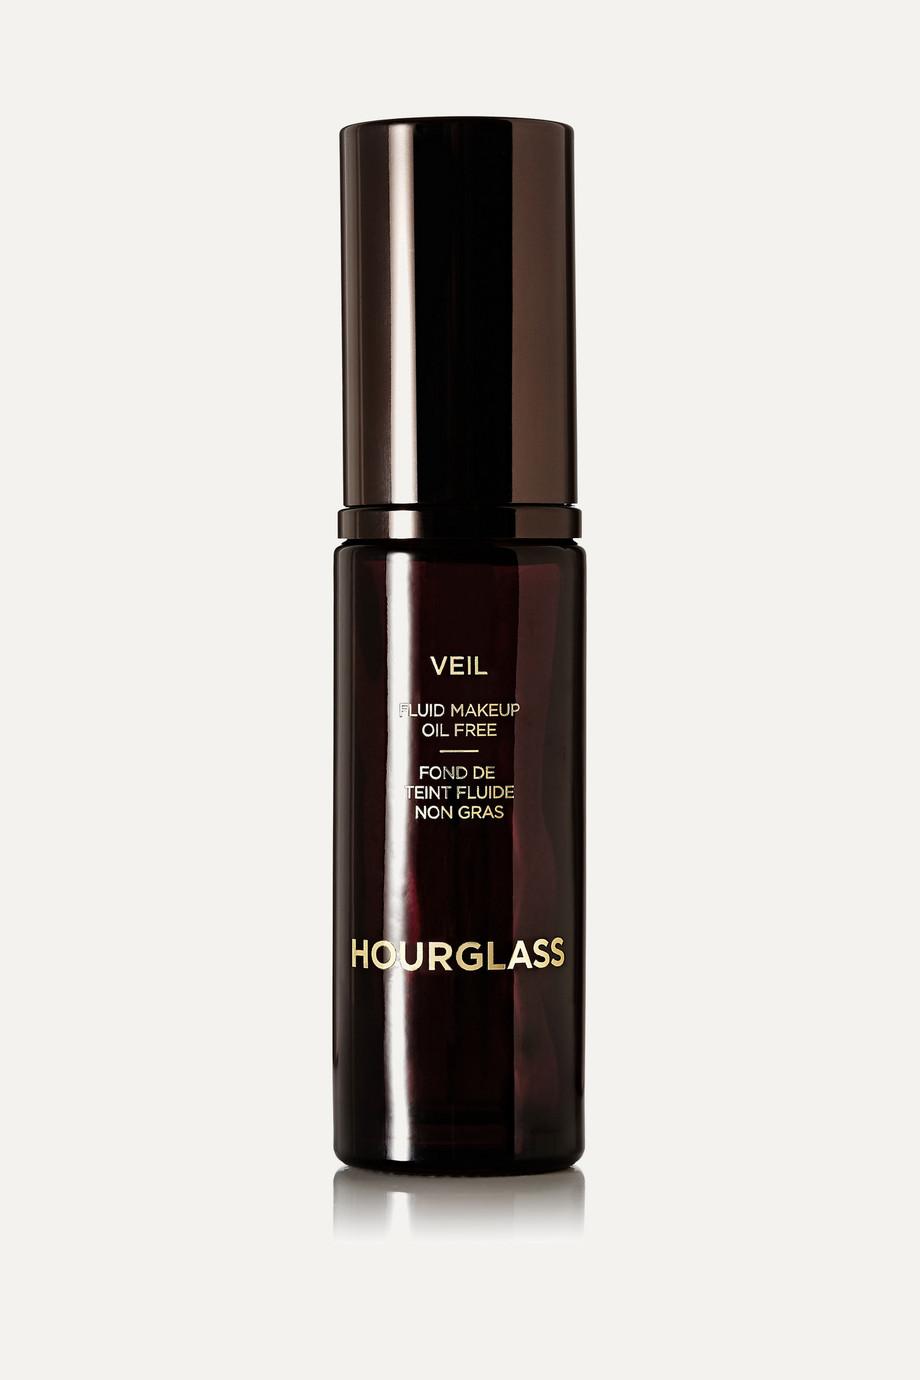 Hourglass Veil Fluid MakeUp No 2 - Light Beige, 30ml